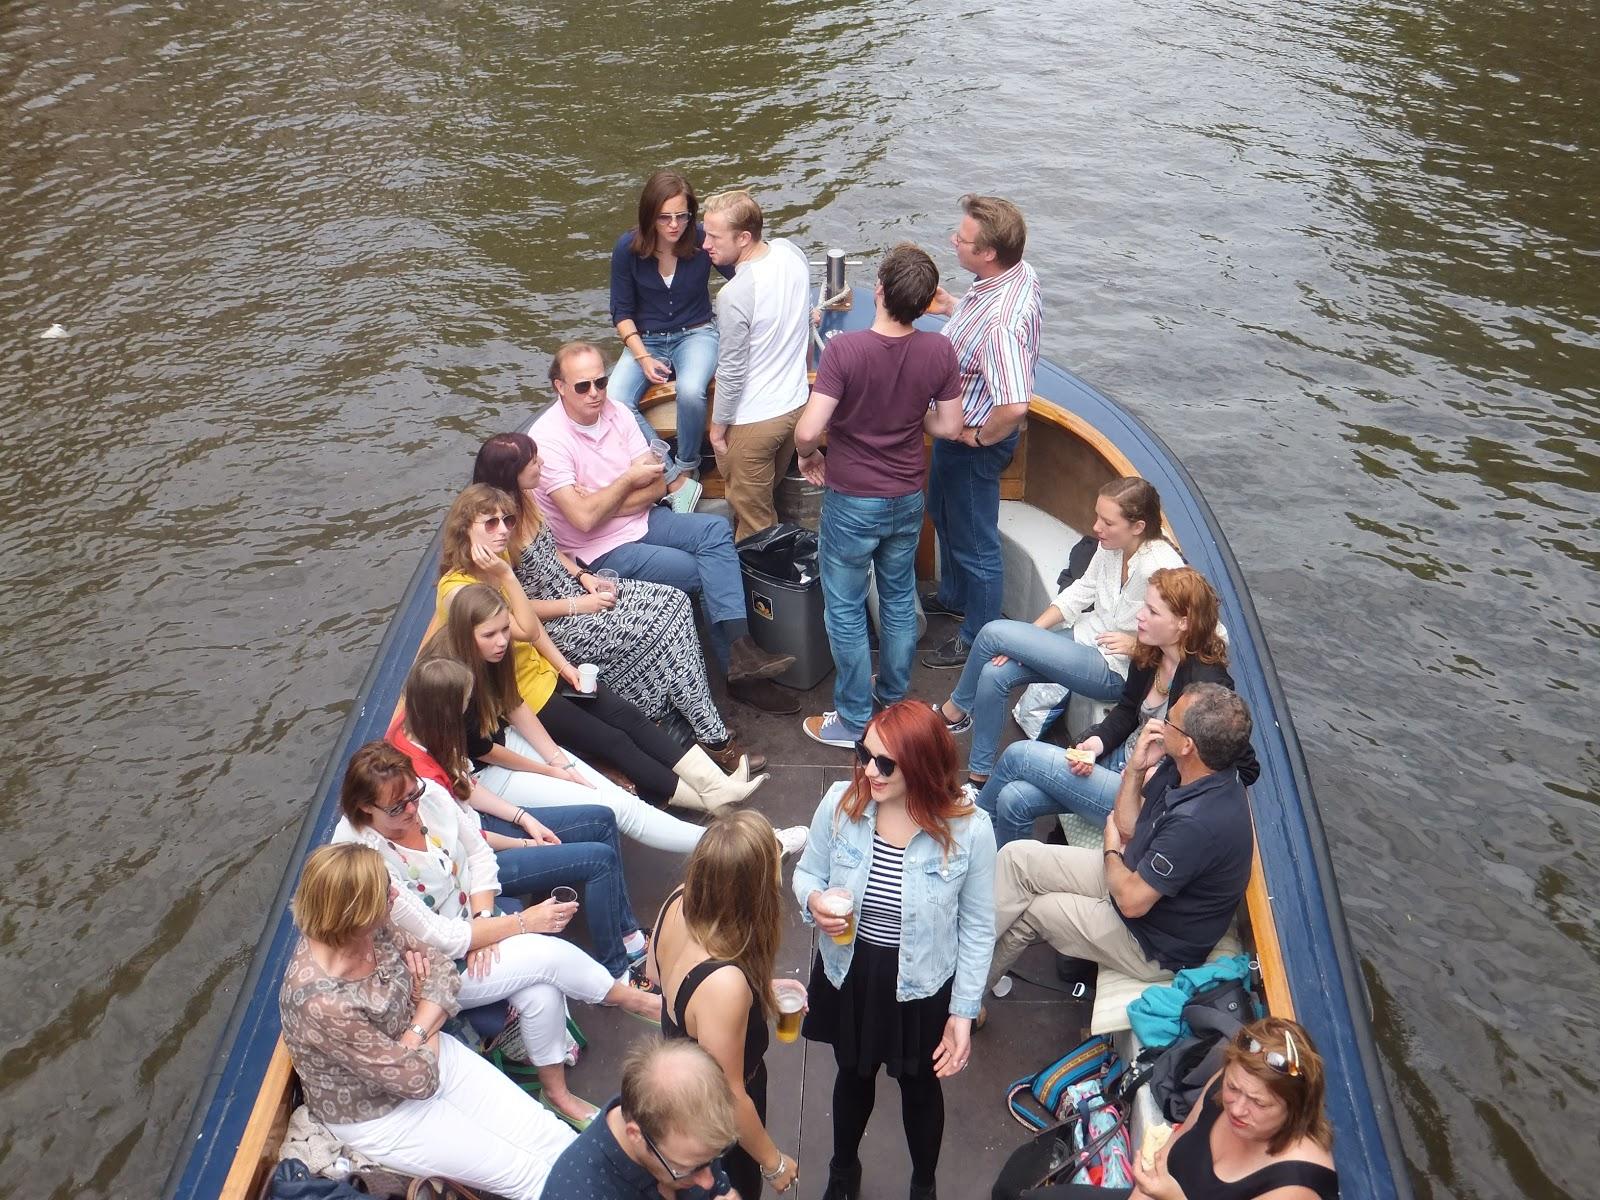 Viaja a Amsterdam, Holanda, Países Bajos, Elisa N, Blog de Viajes, Lifestyle, Travel, Canales